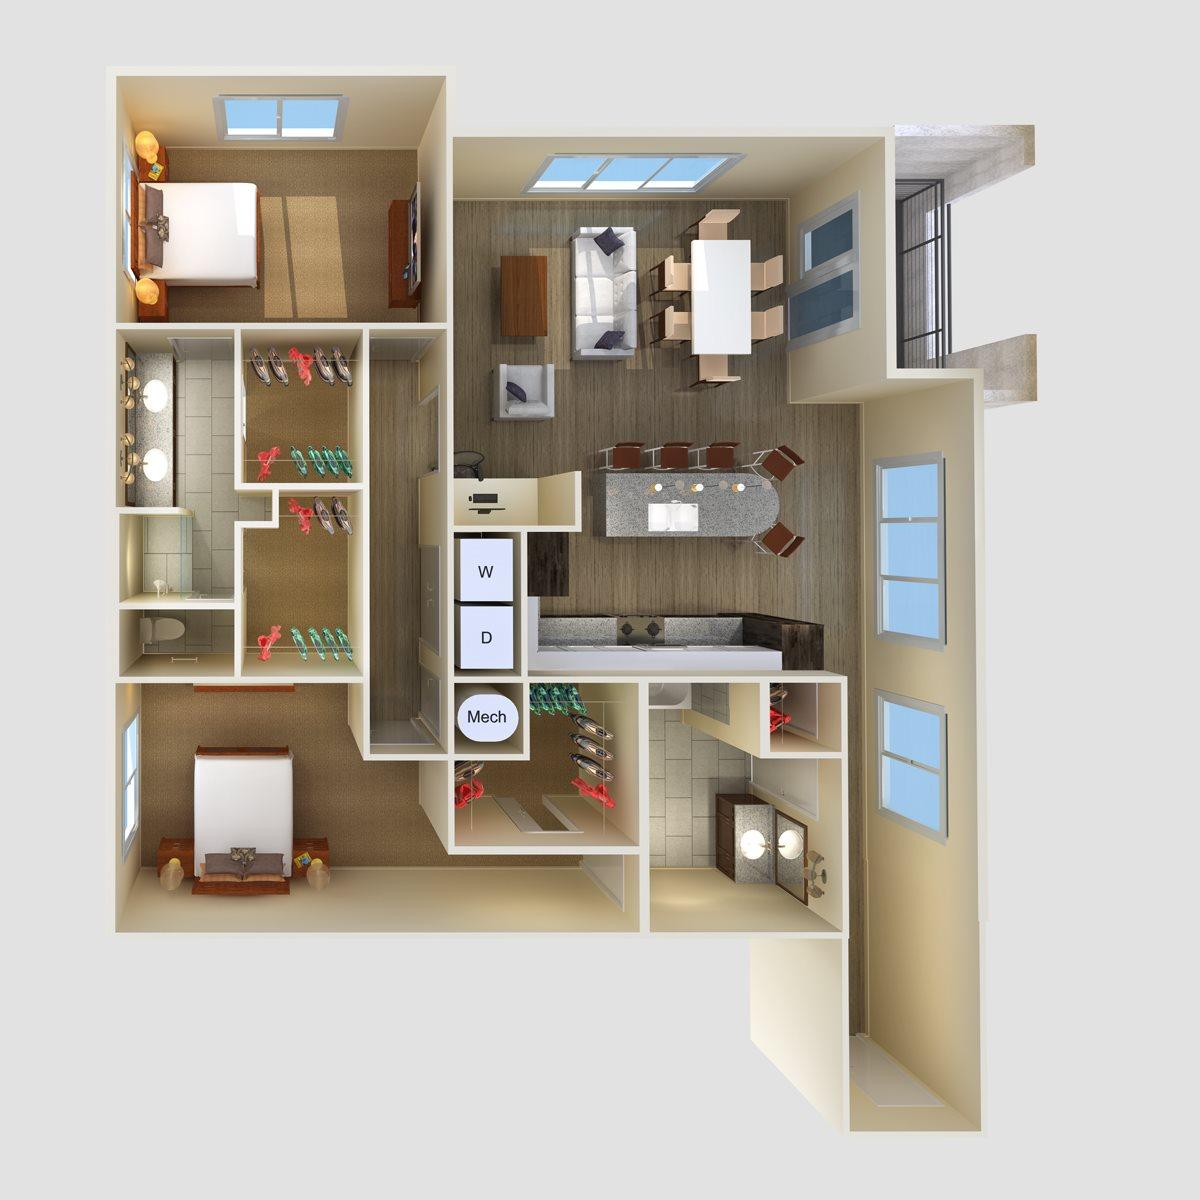 2Br 2Ba Floor Plan 4